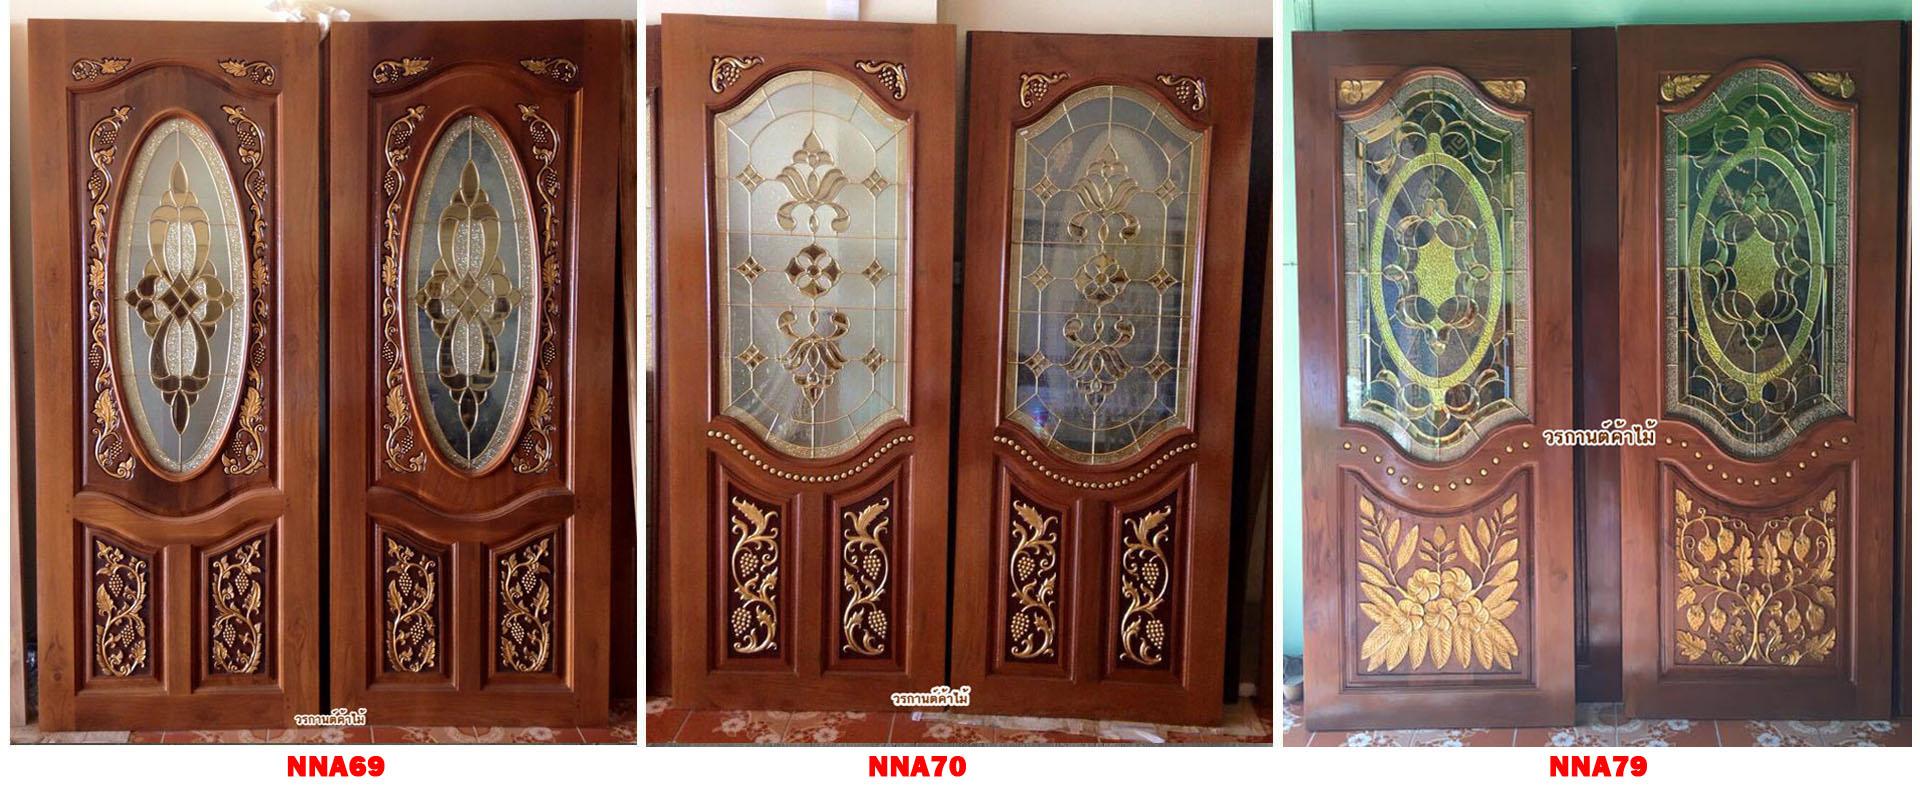 ประตูไม้สัก,ประตูไม้สักกระจกนิรภัย,ประตูไม้สักบานคู่,ประตูไม้สักบานเดี่ยว,ประตูบานเลื่อน,ประตูไม้สักโมเดิร์น,หน้าต่างไม้สัก